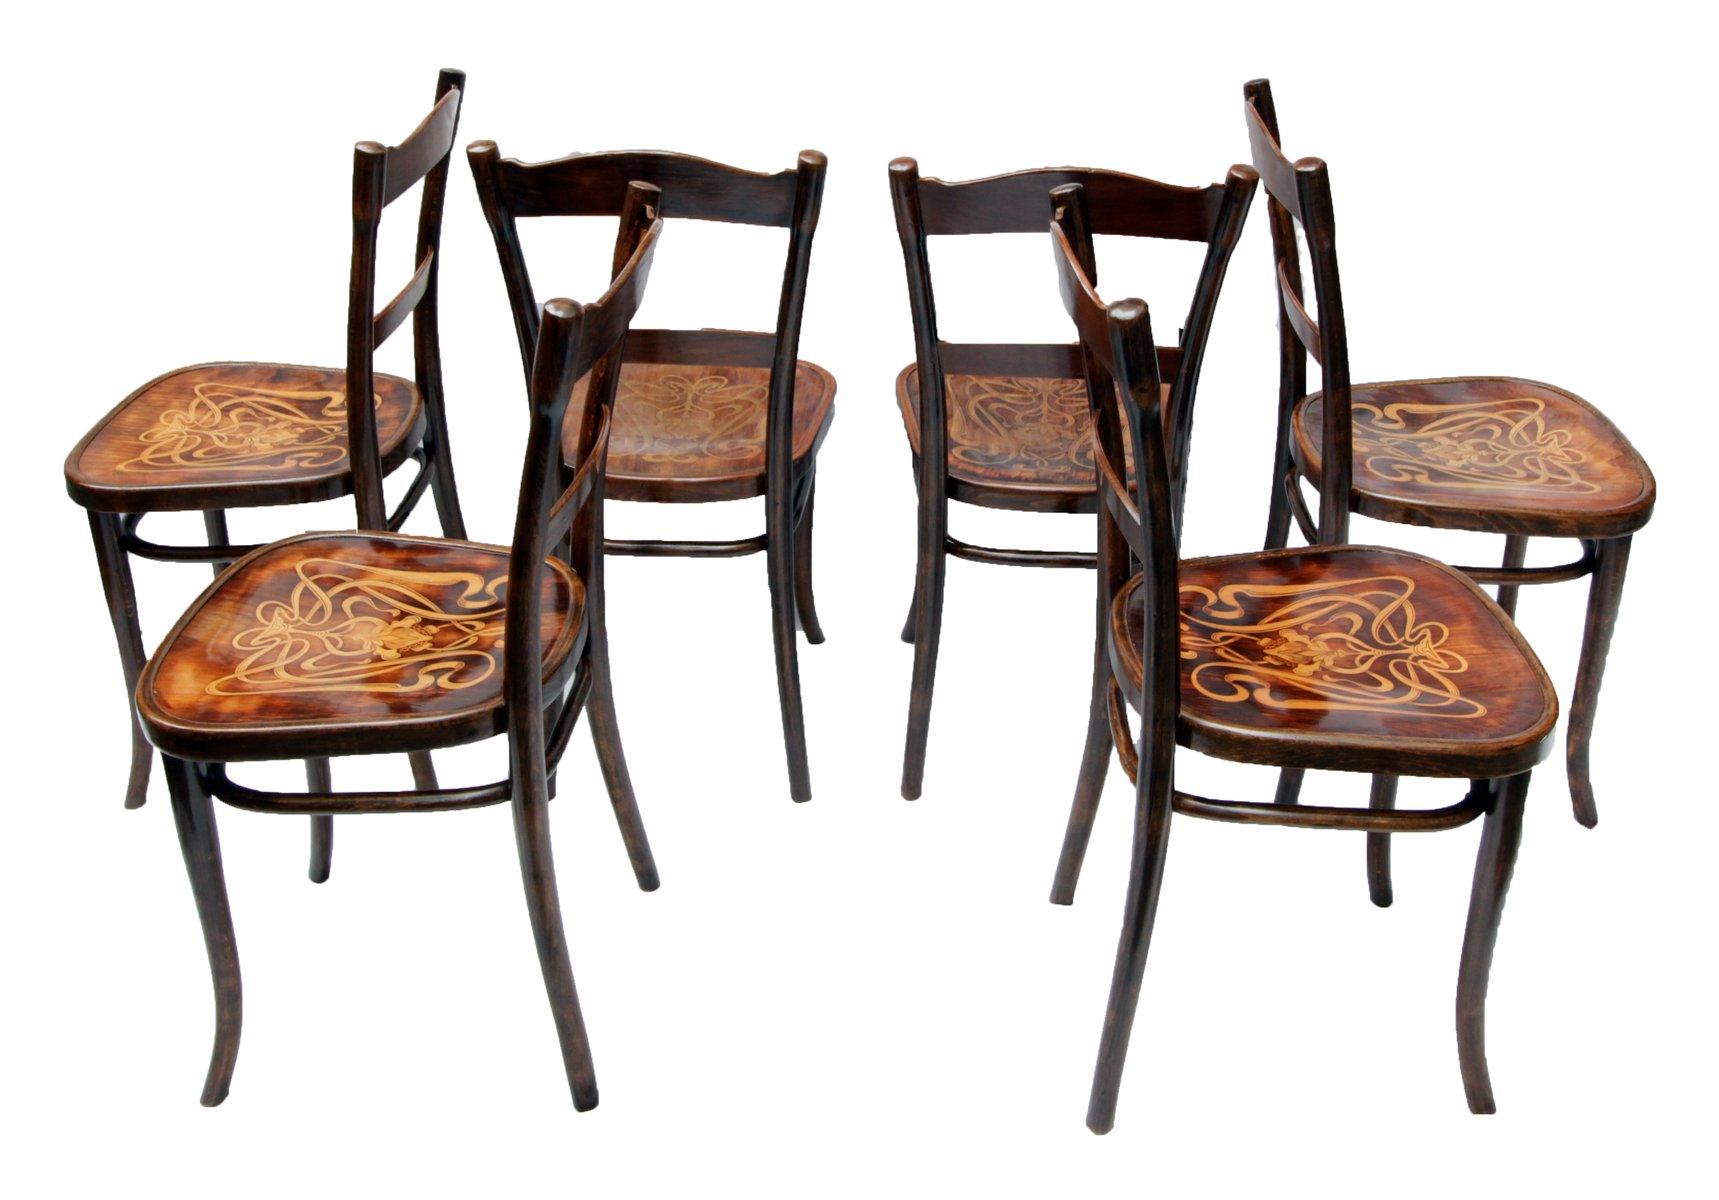 Sedie da pranzo antiche in legno decorato di Thonet, set di 6 in ...